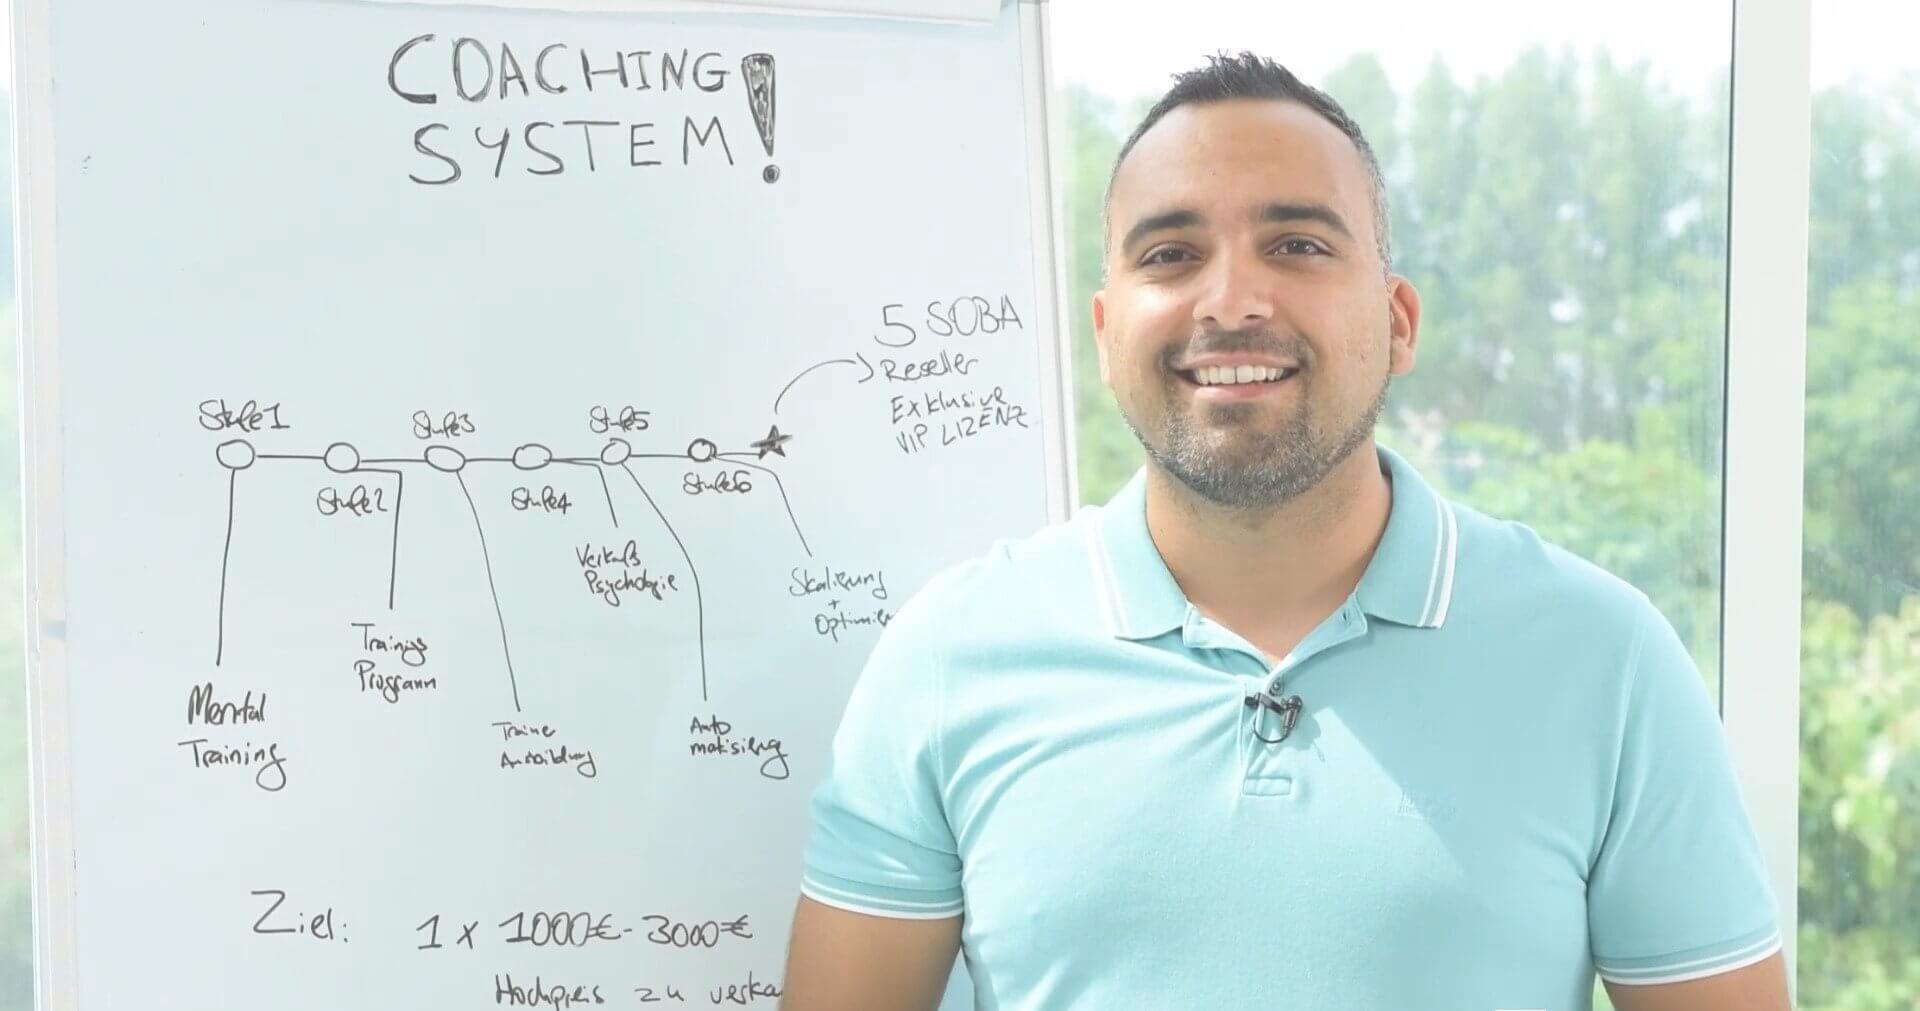 Said Shiripour Coaching